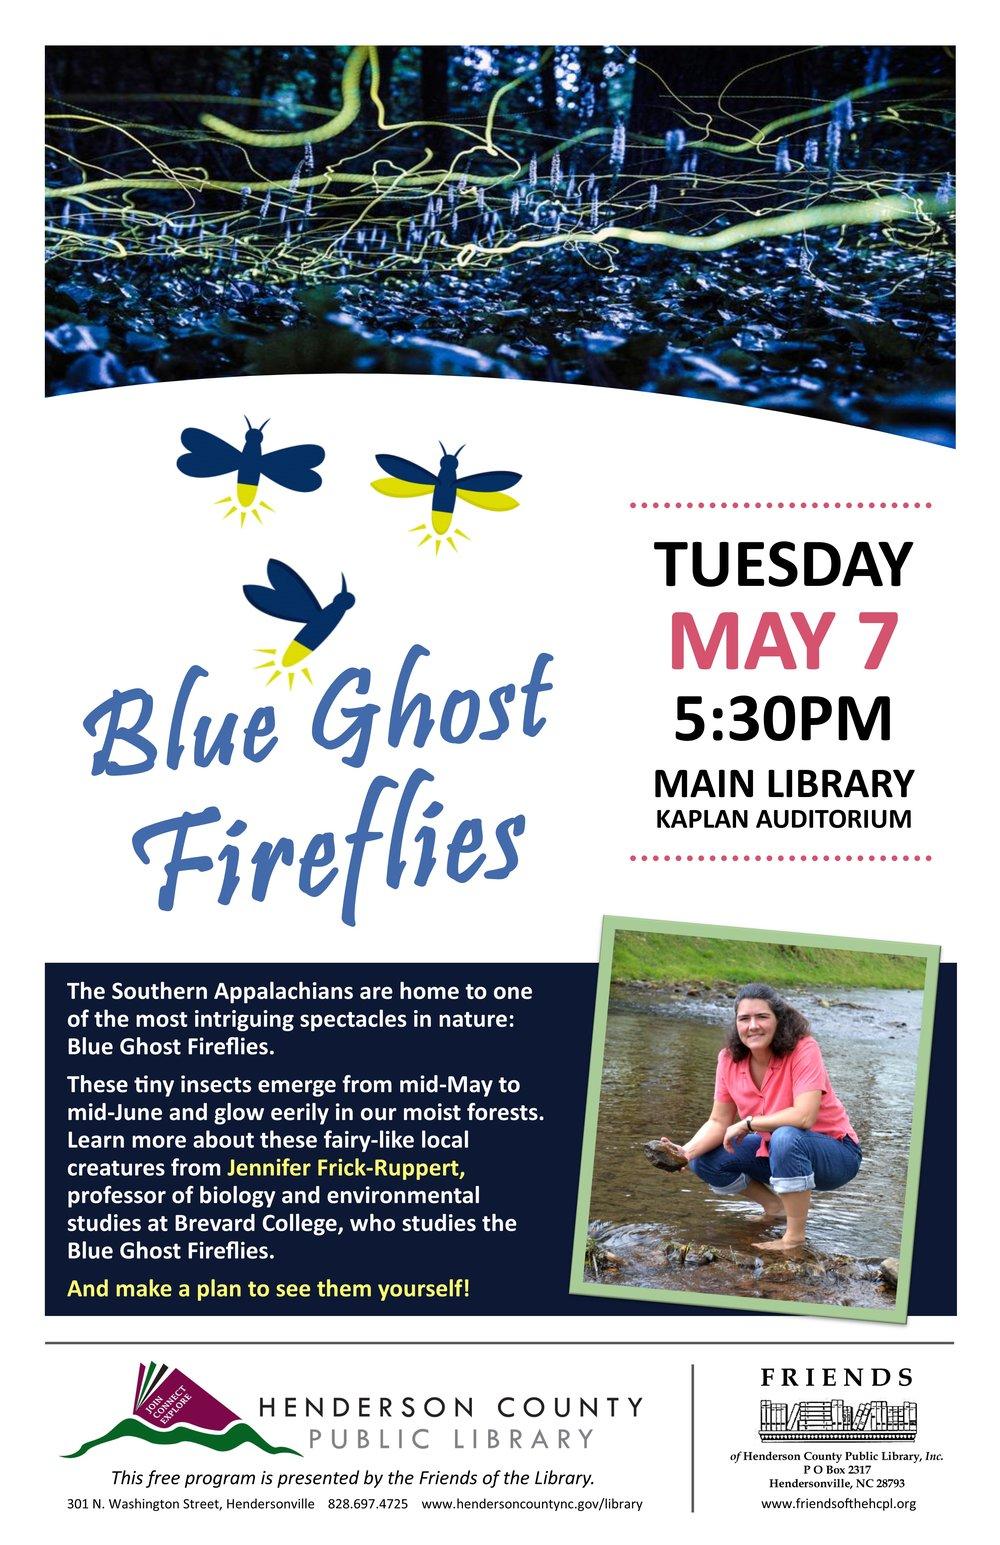 Blue Ghost Fireflies Jennifer Frick-Ruppert.jpg